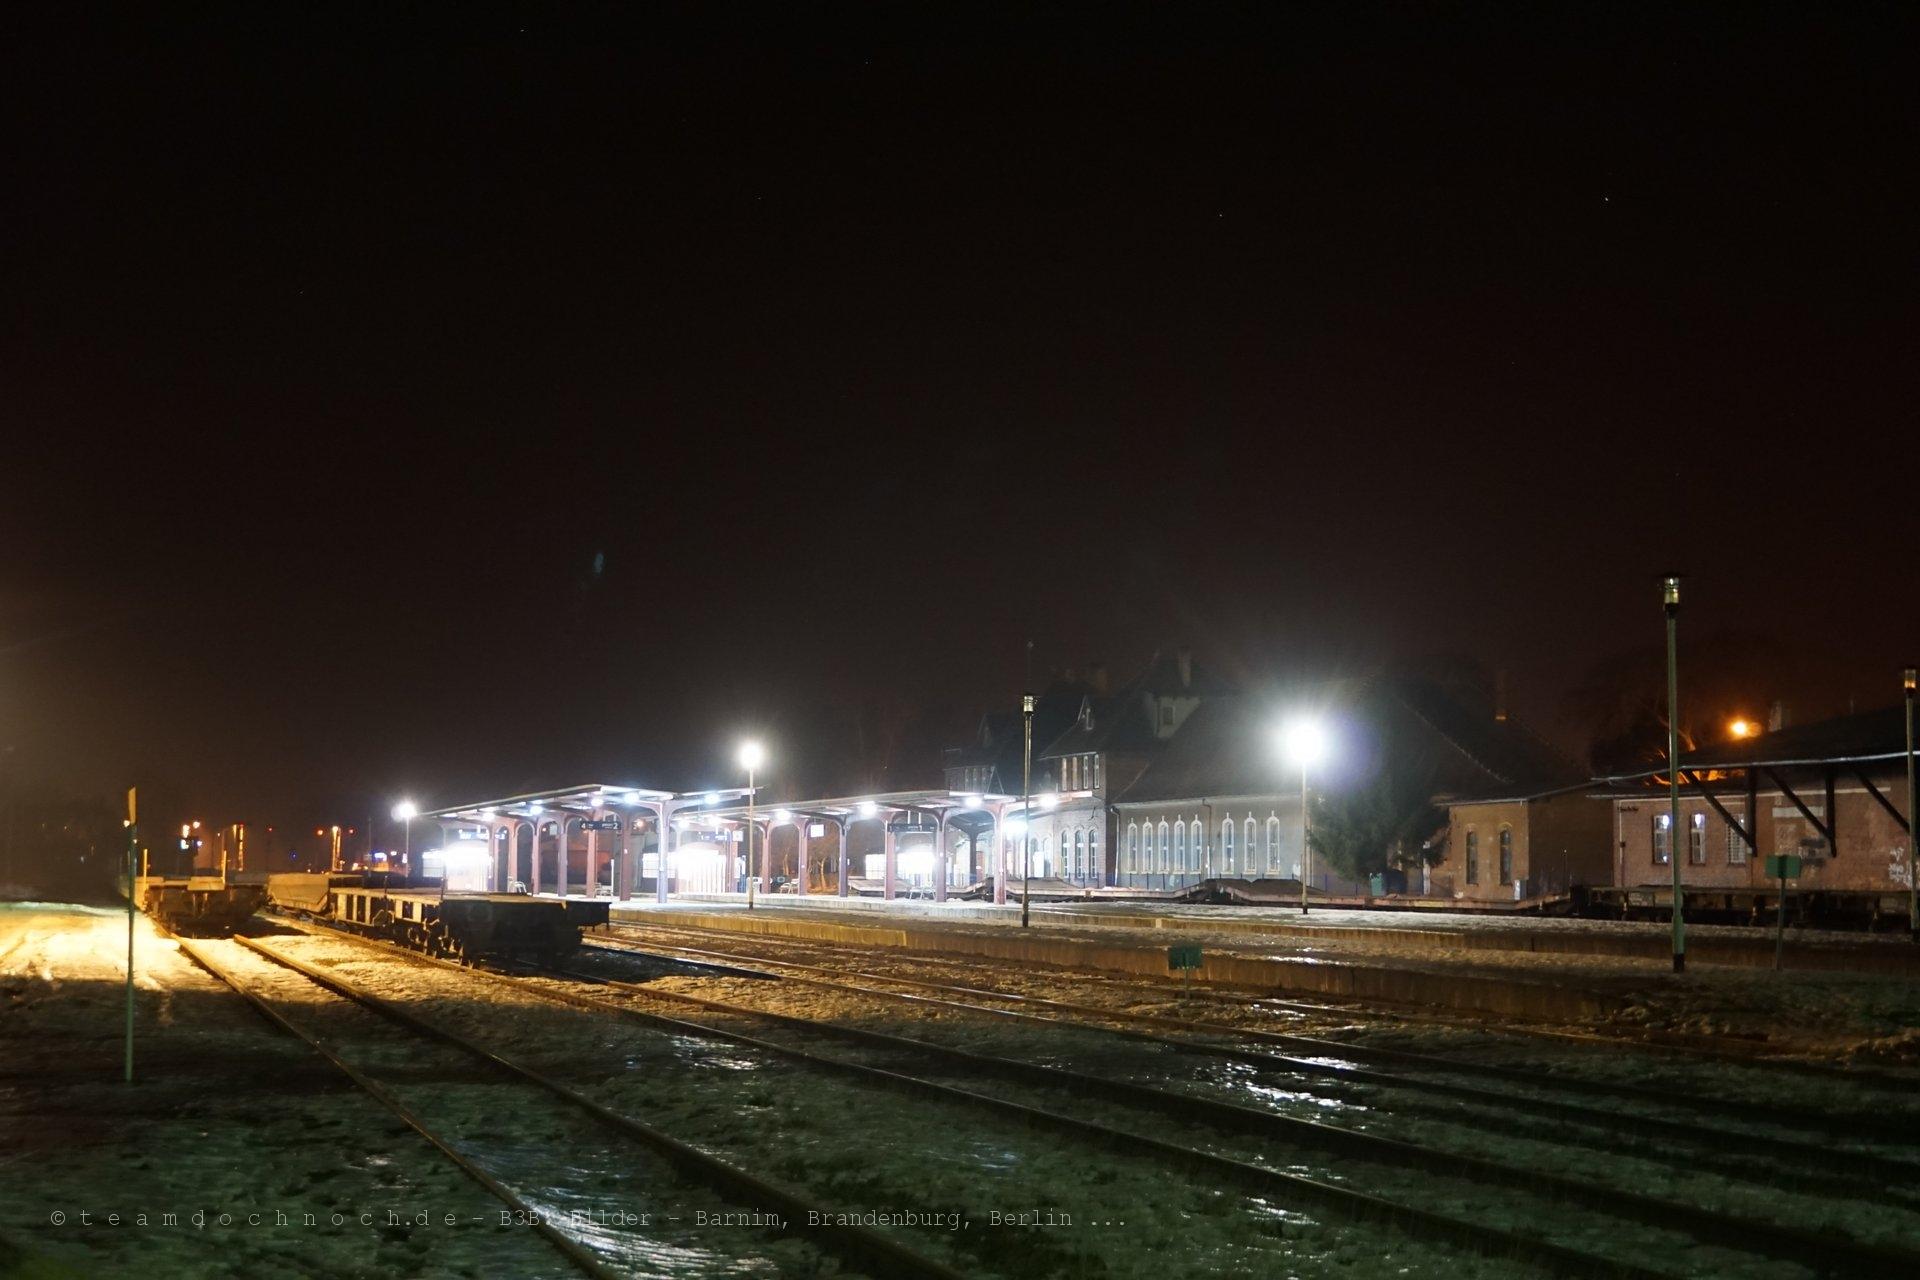 Bahnhof Złocieniec bei Nacht